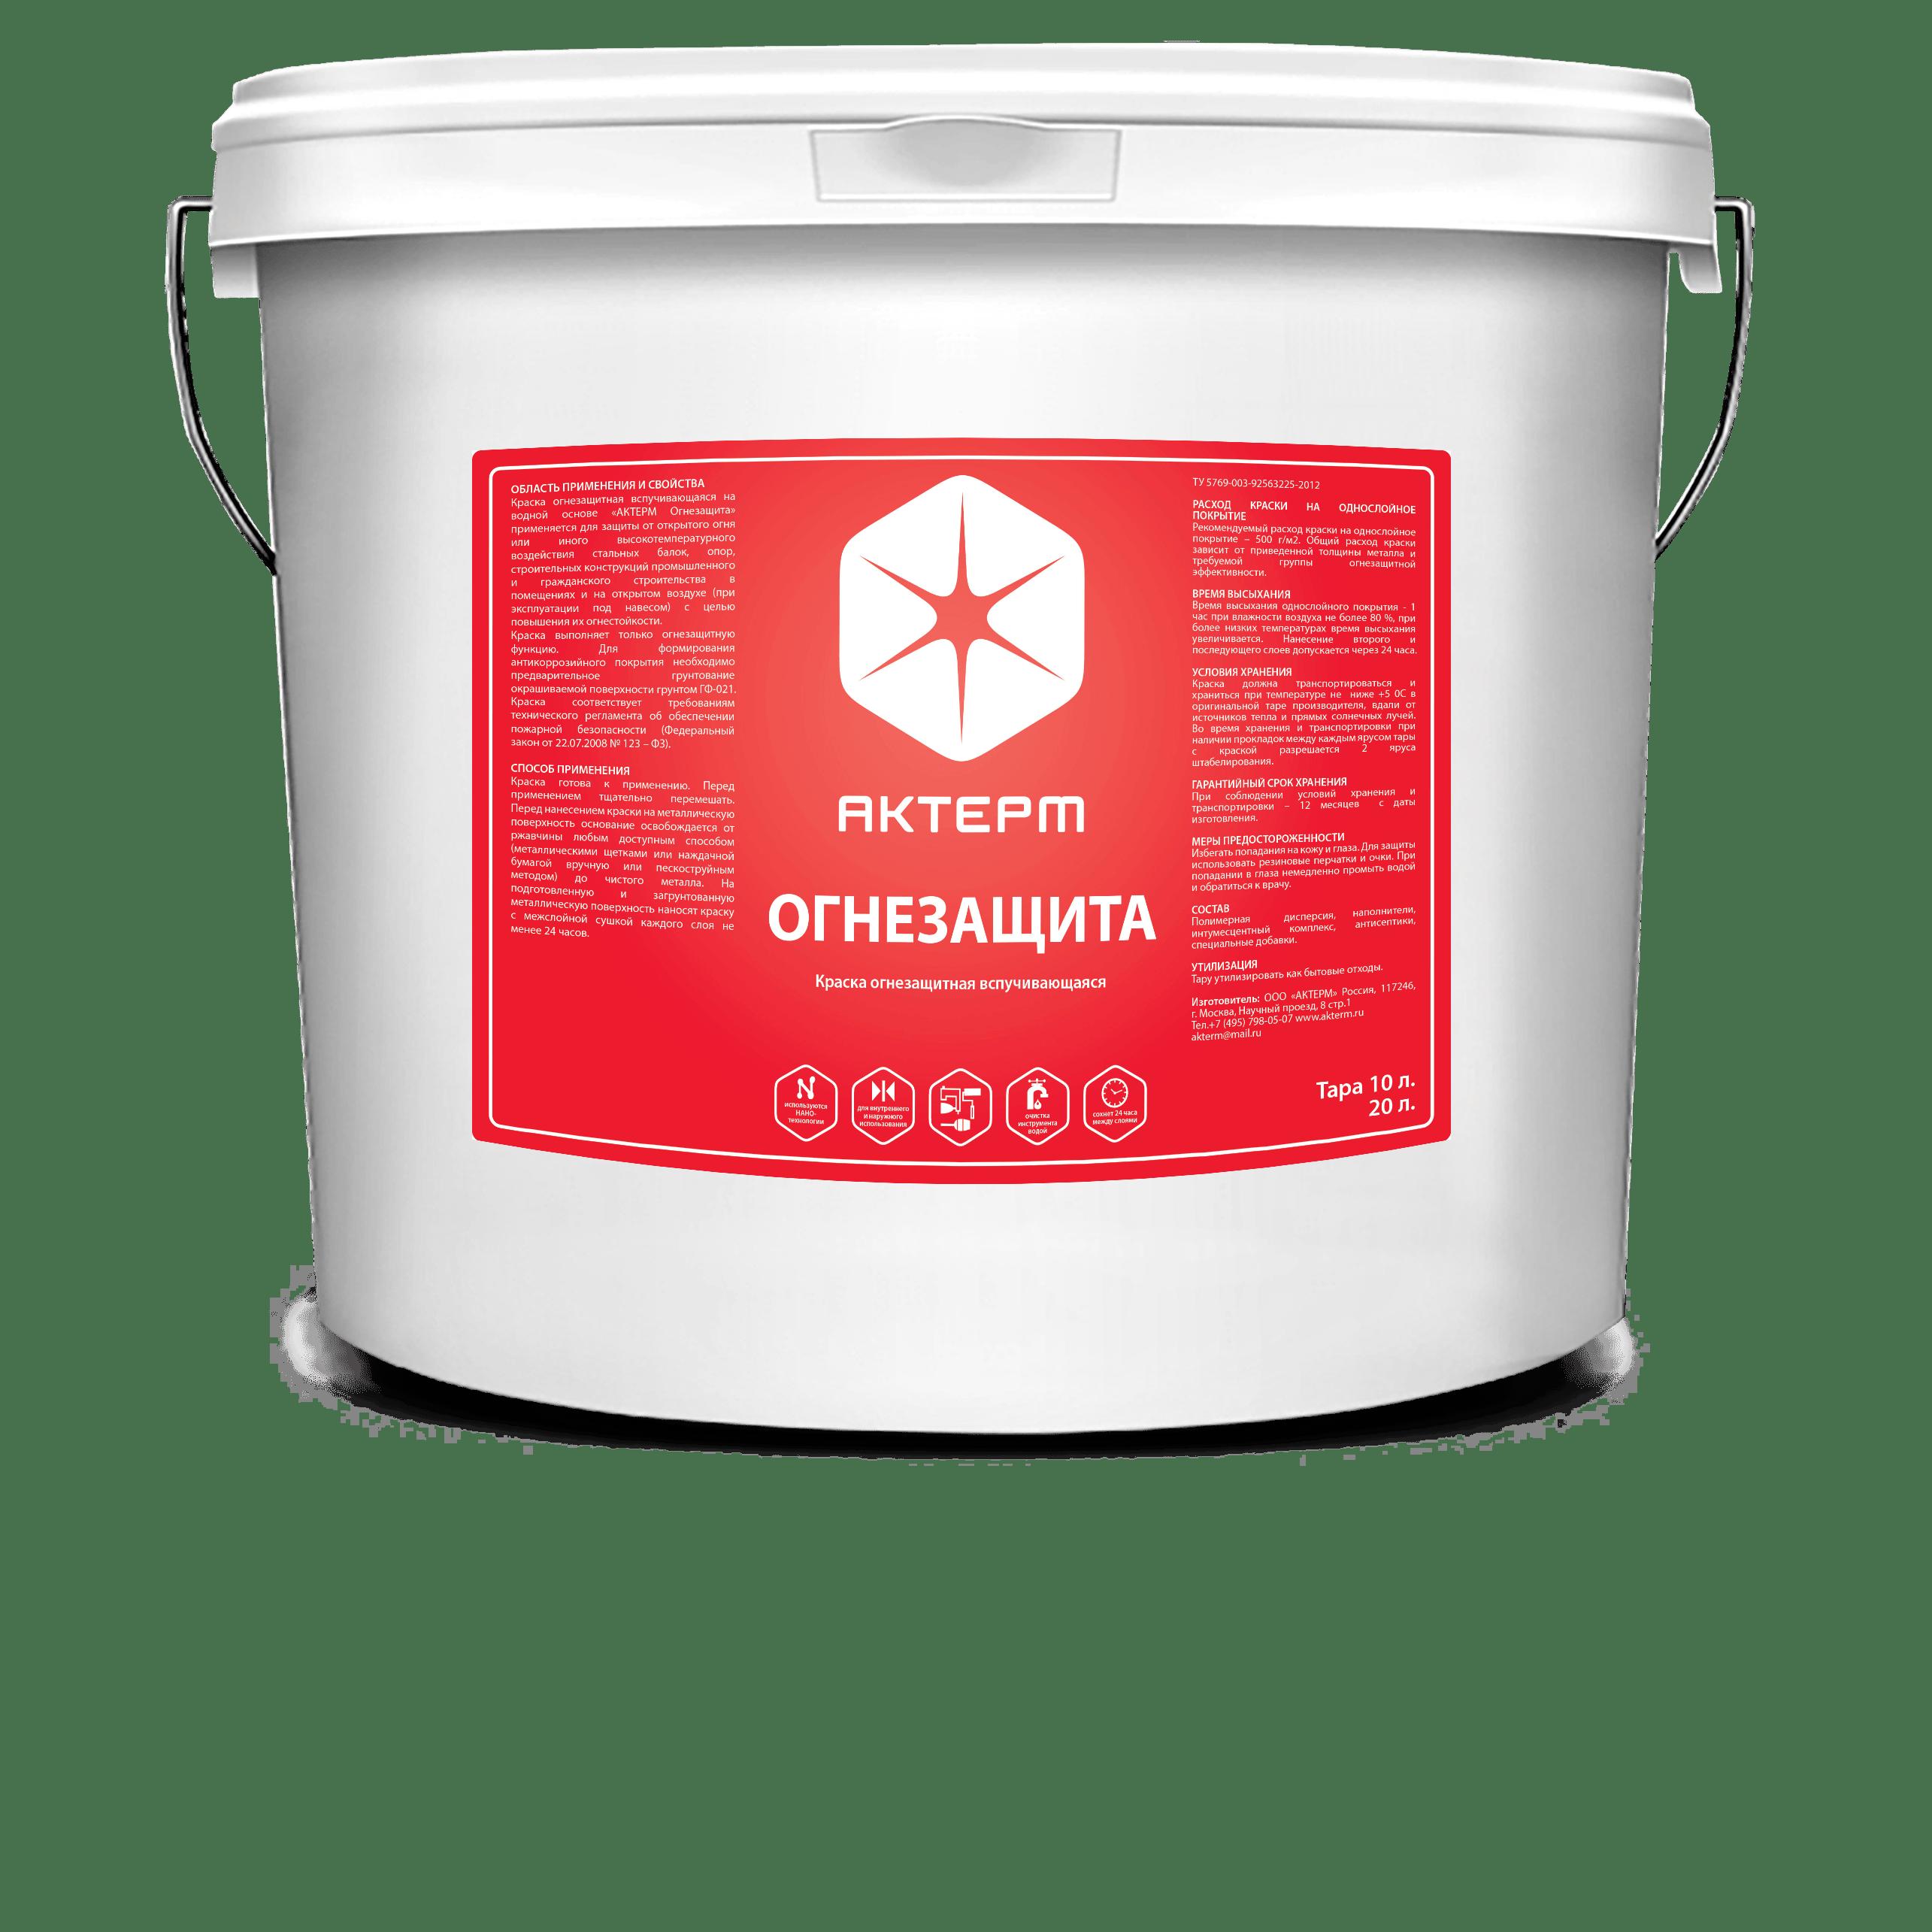 АКТЕРМ Огнезащита ™ — Огнезащитная краска (10 литров)